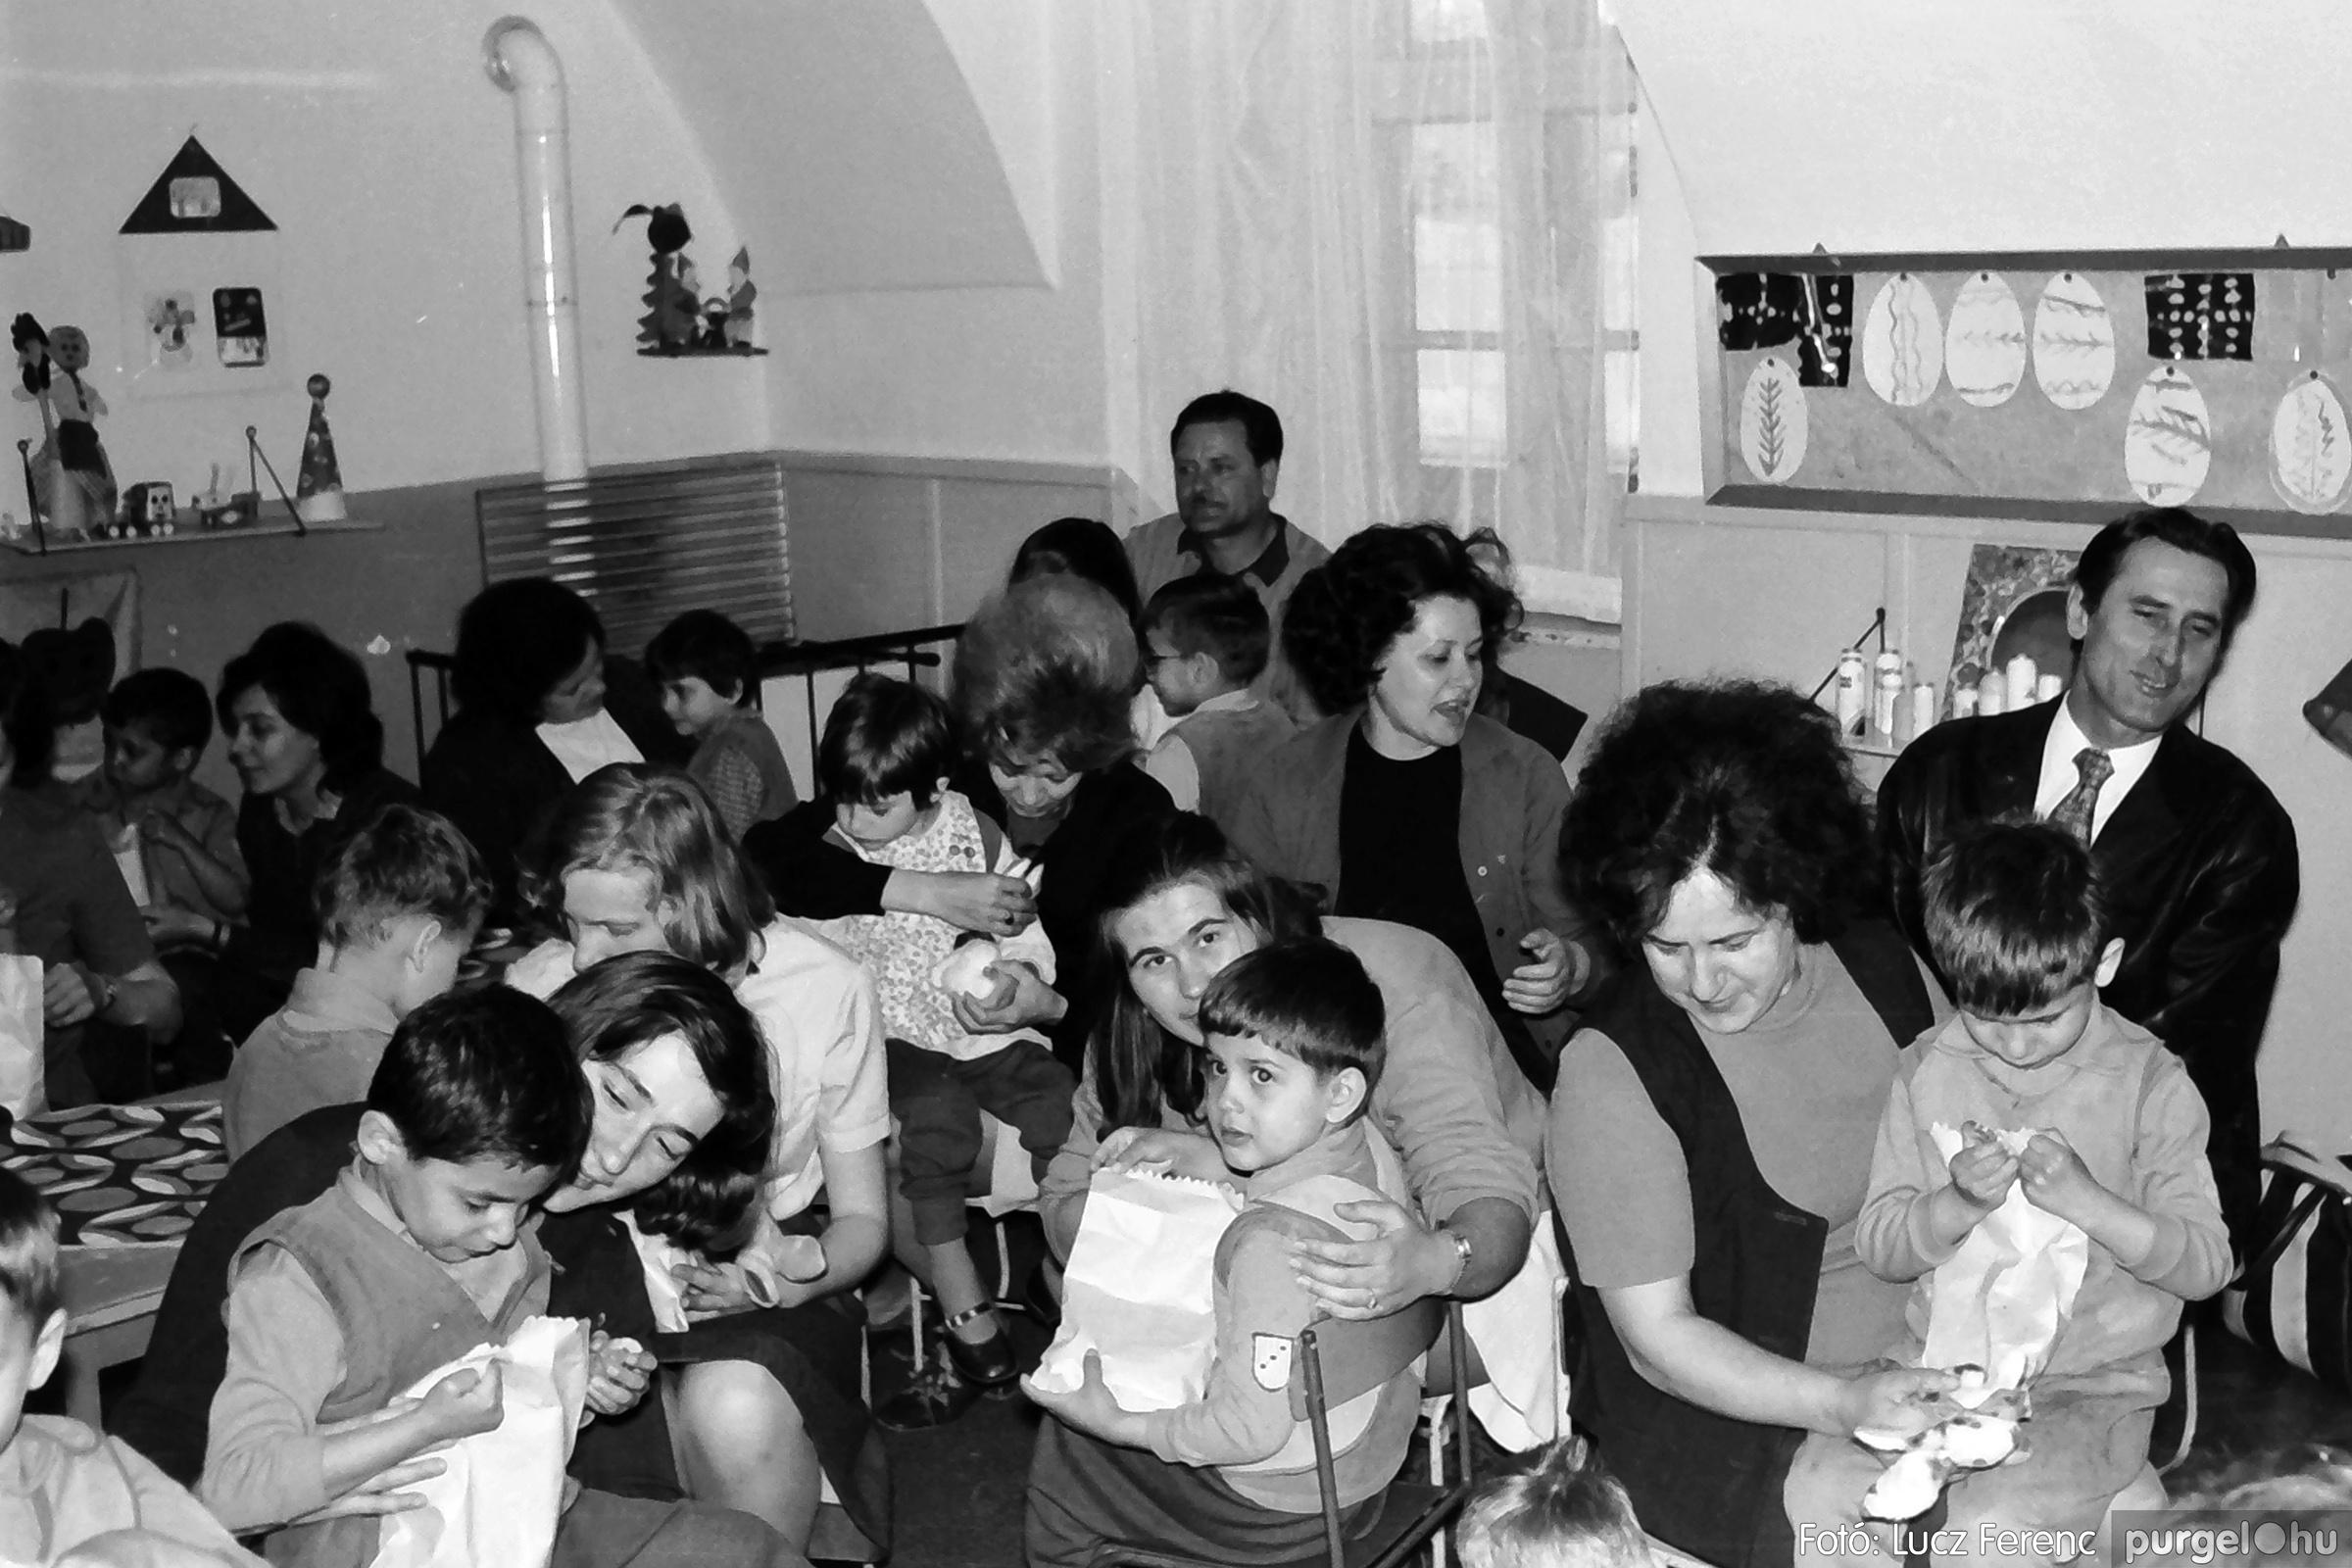 044. 1976. Látogatás a gyermekotthonban 005. - Fotó: Lucz Ferenc.jpg